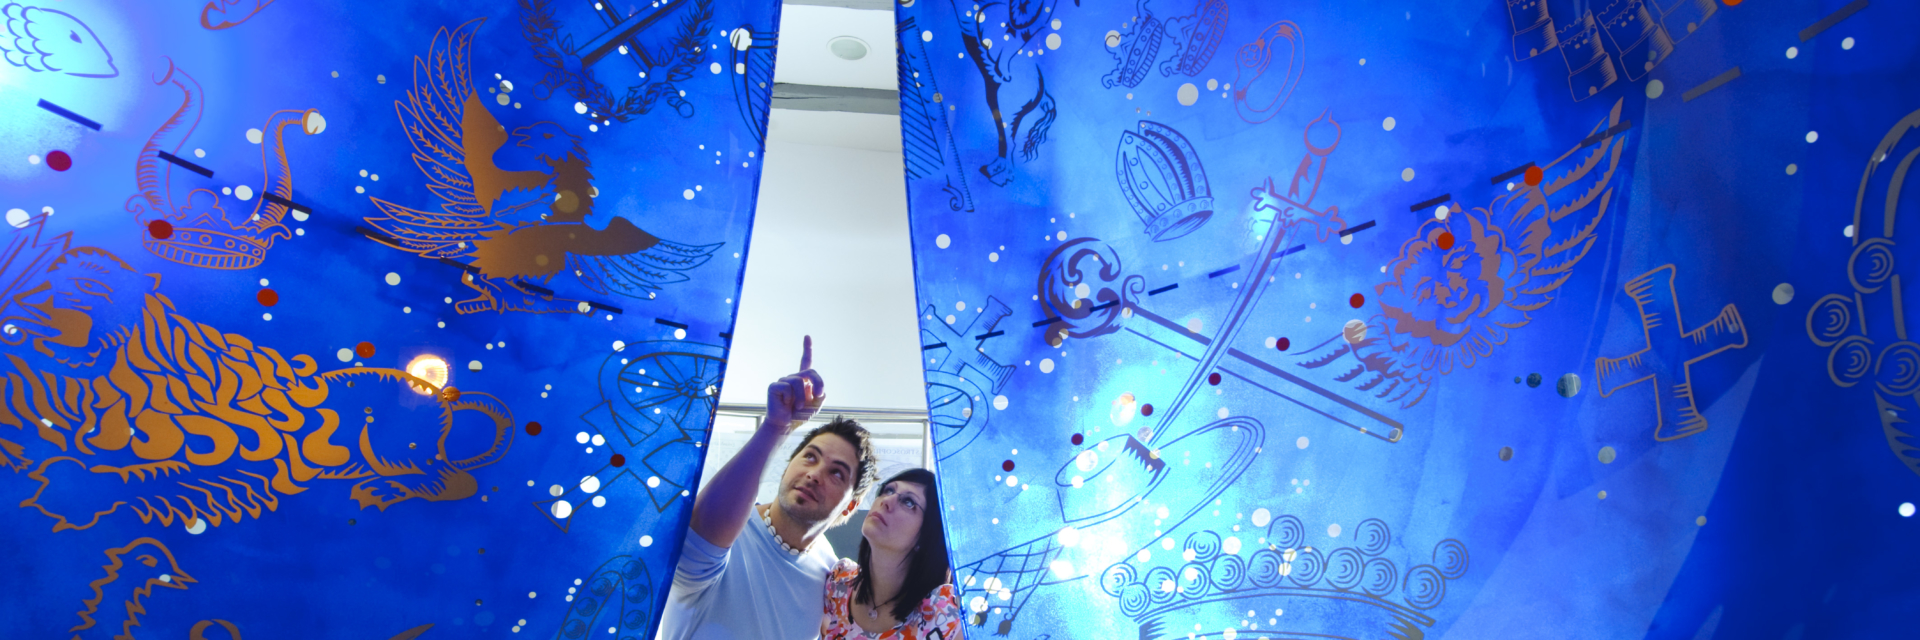 Besucher erkunden die Weigelsche Himmelskugel im Stadtmuseum - Aus der Vielfalt unserer Erlebnisangebote und Rahmenprogramme